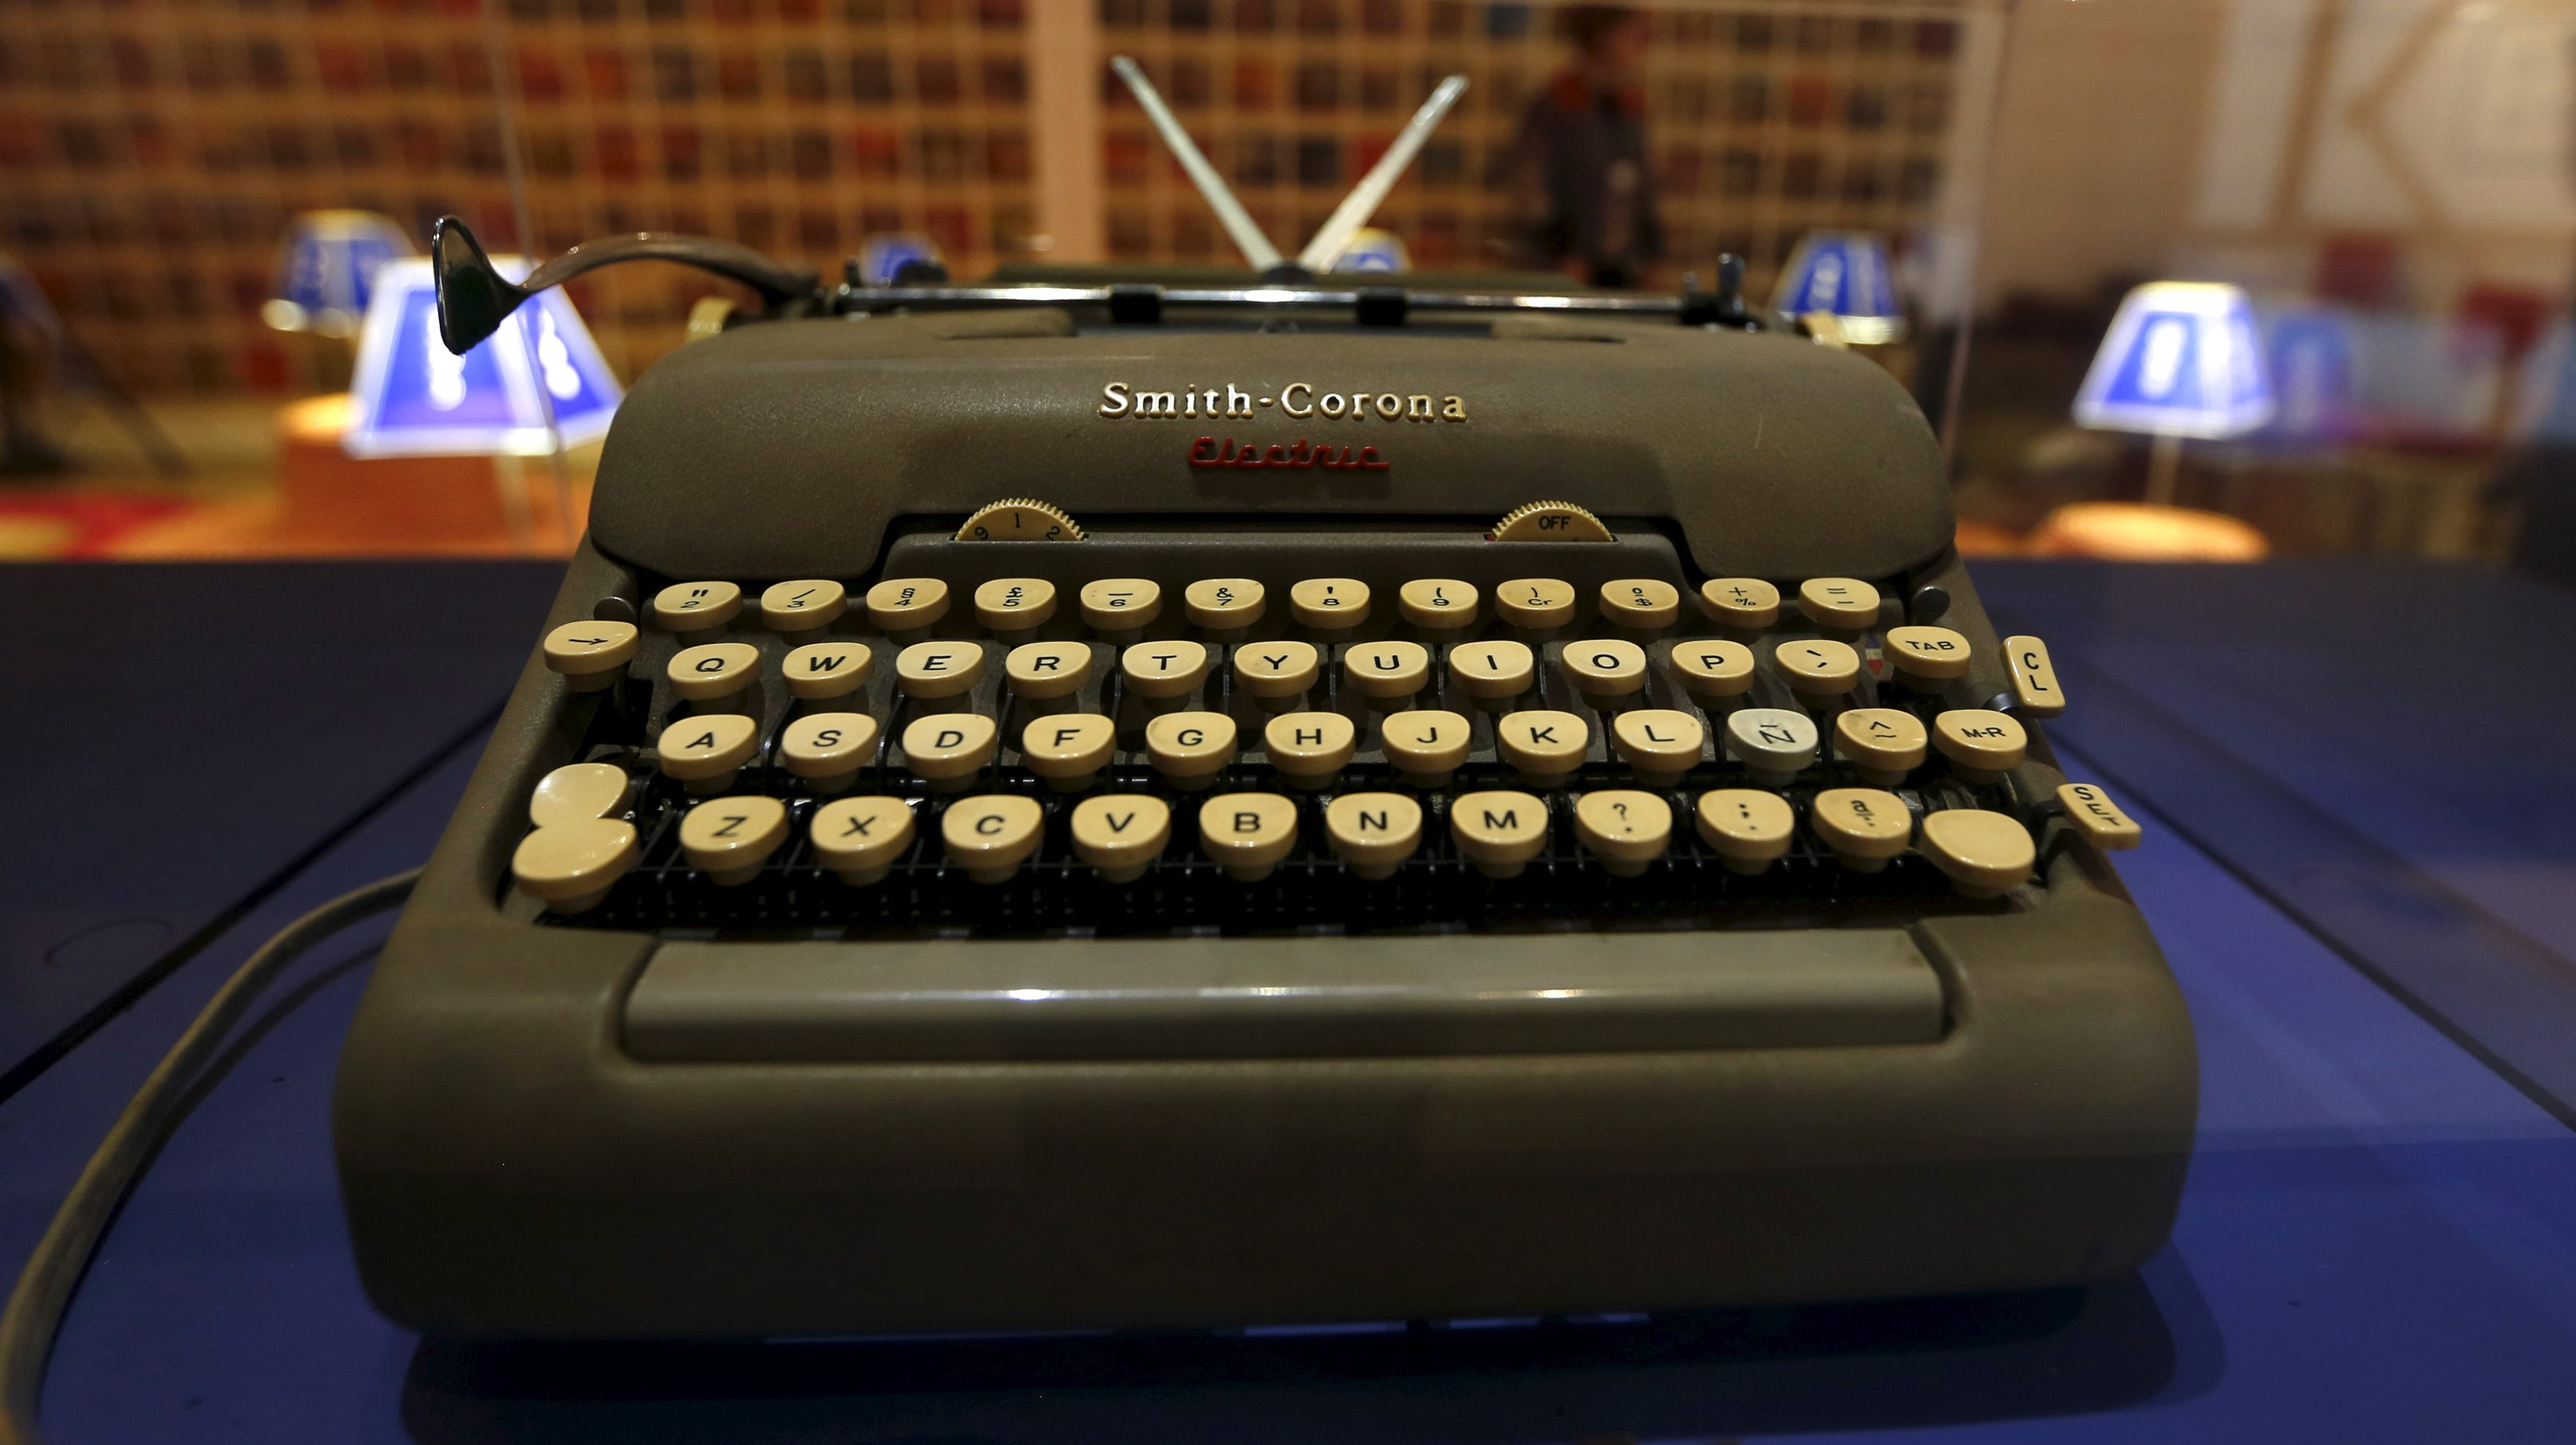 A Smith Corona typewriter